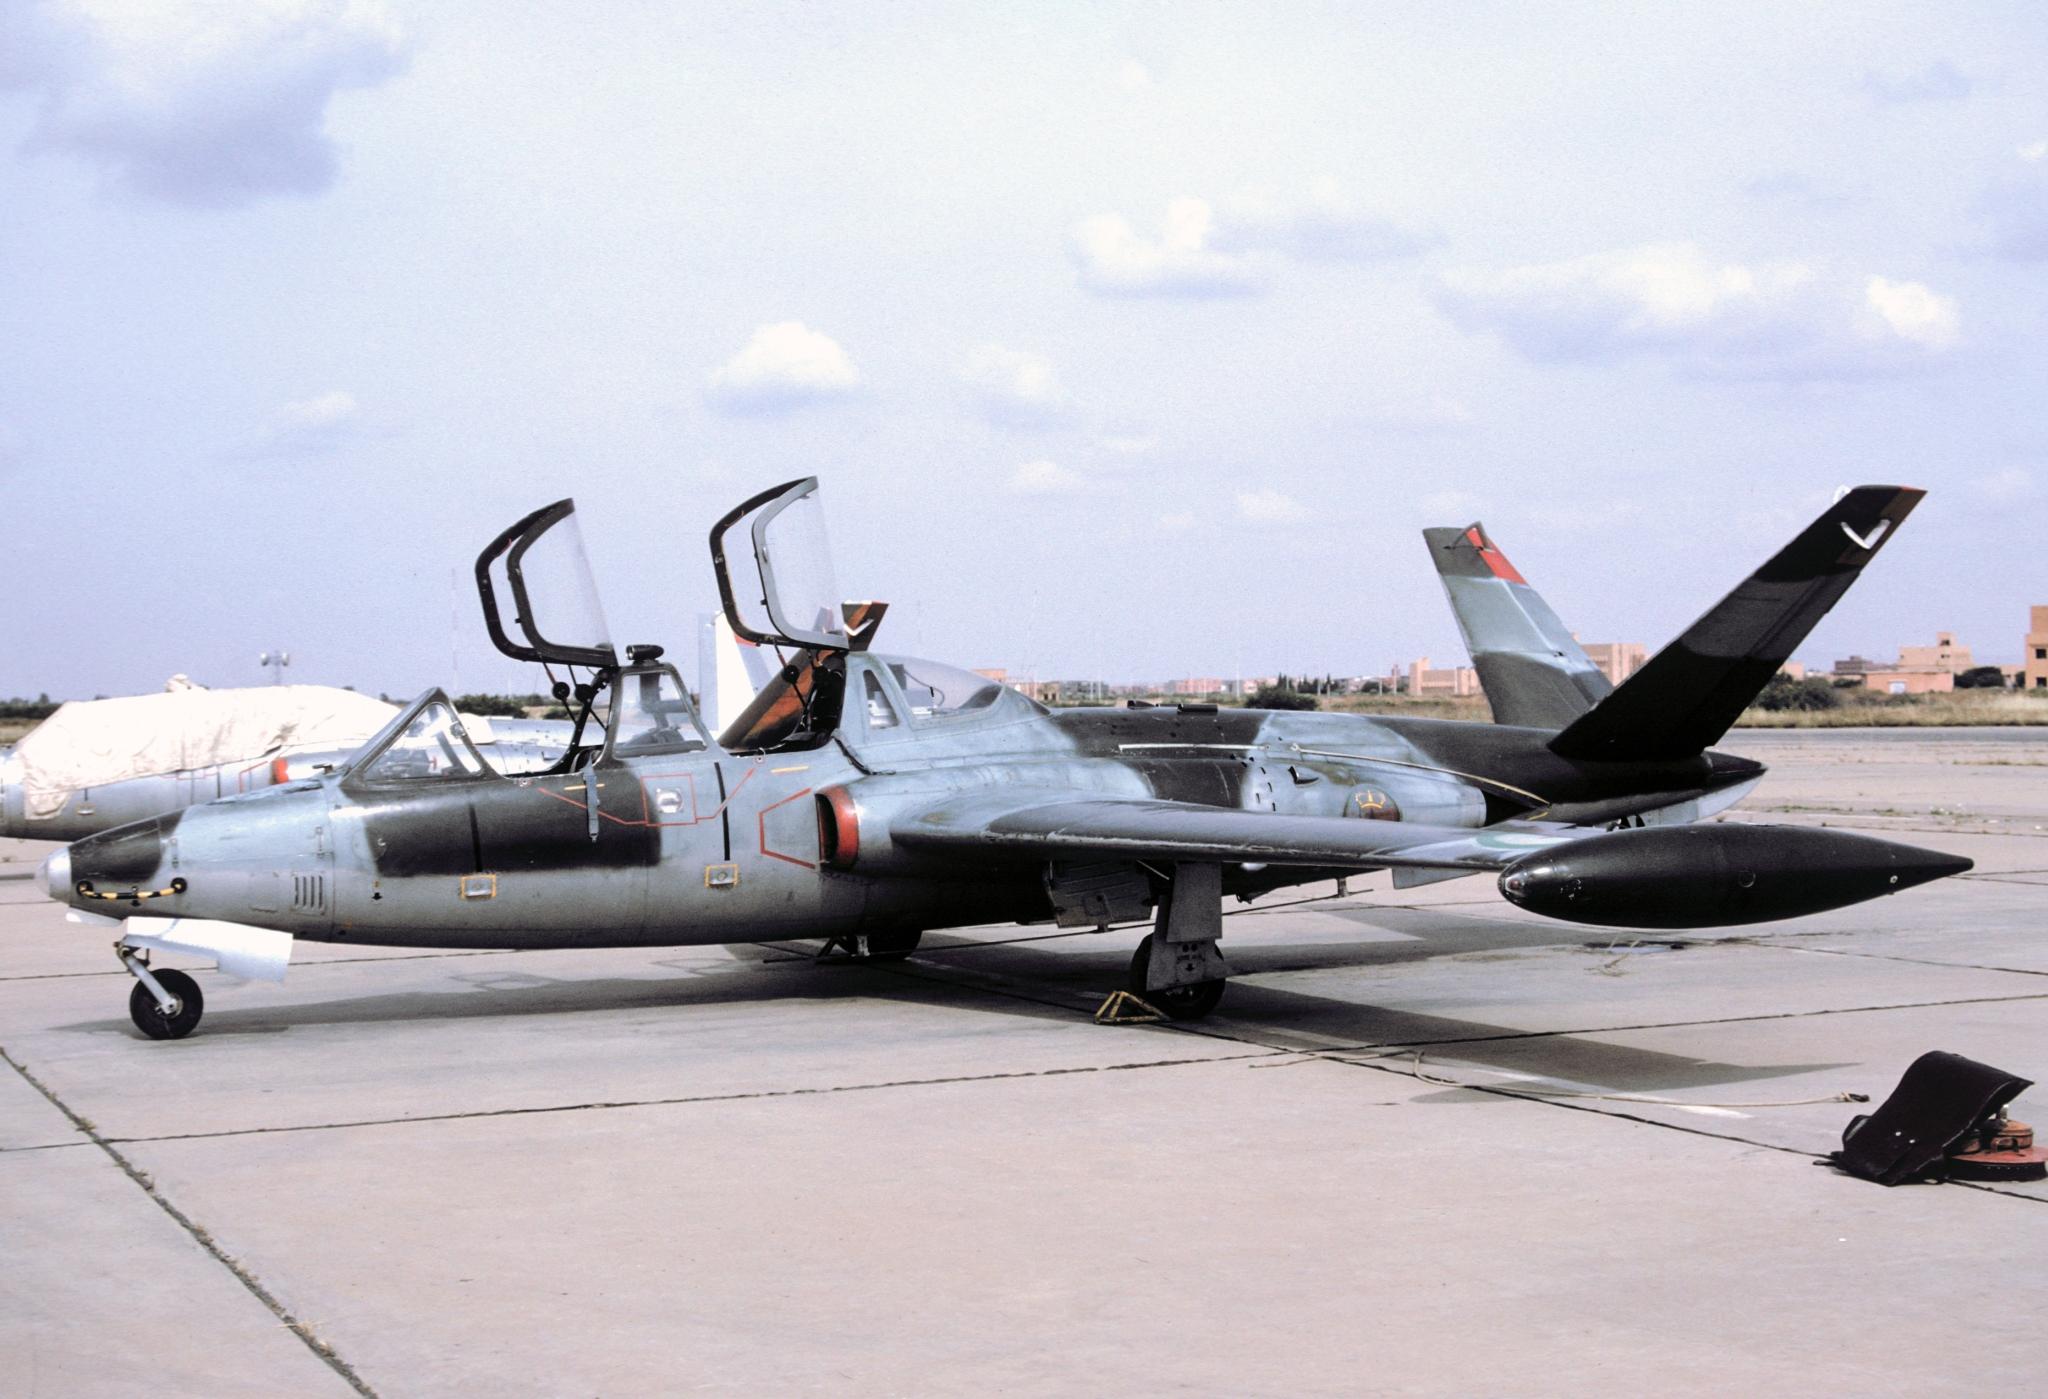 FRA: Photos anciens avions des FRA - Page 11 46467267802_110be559de_o